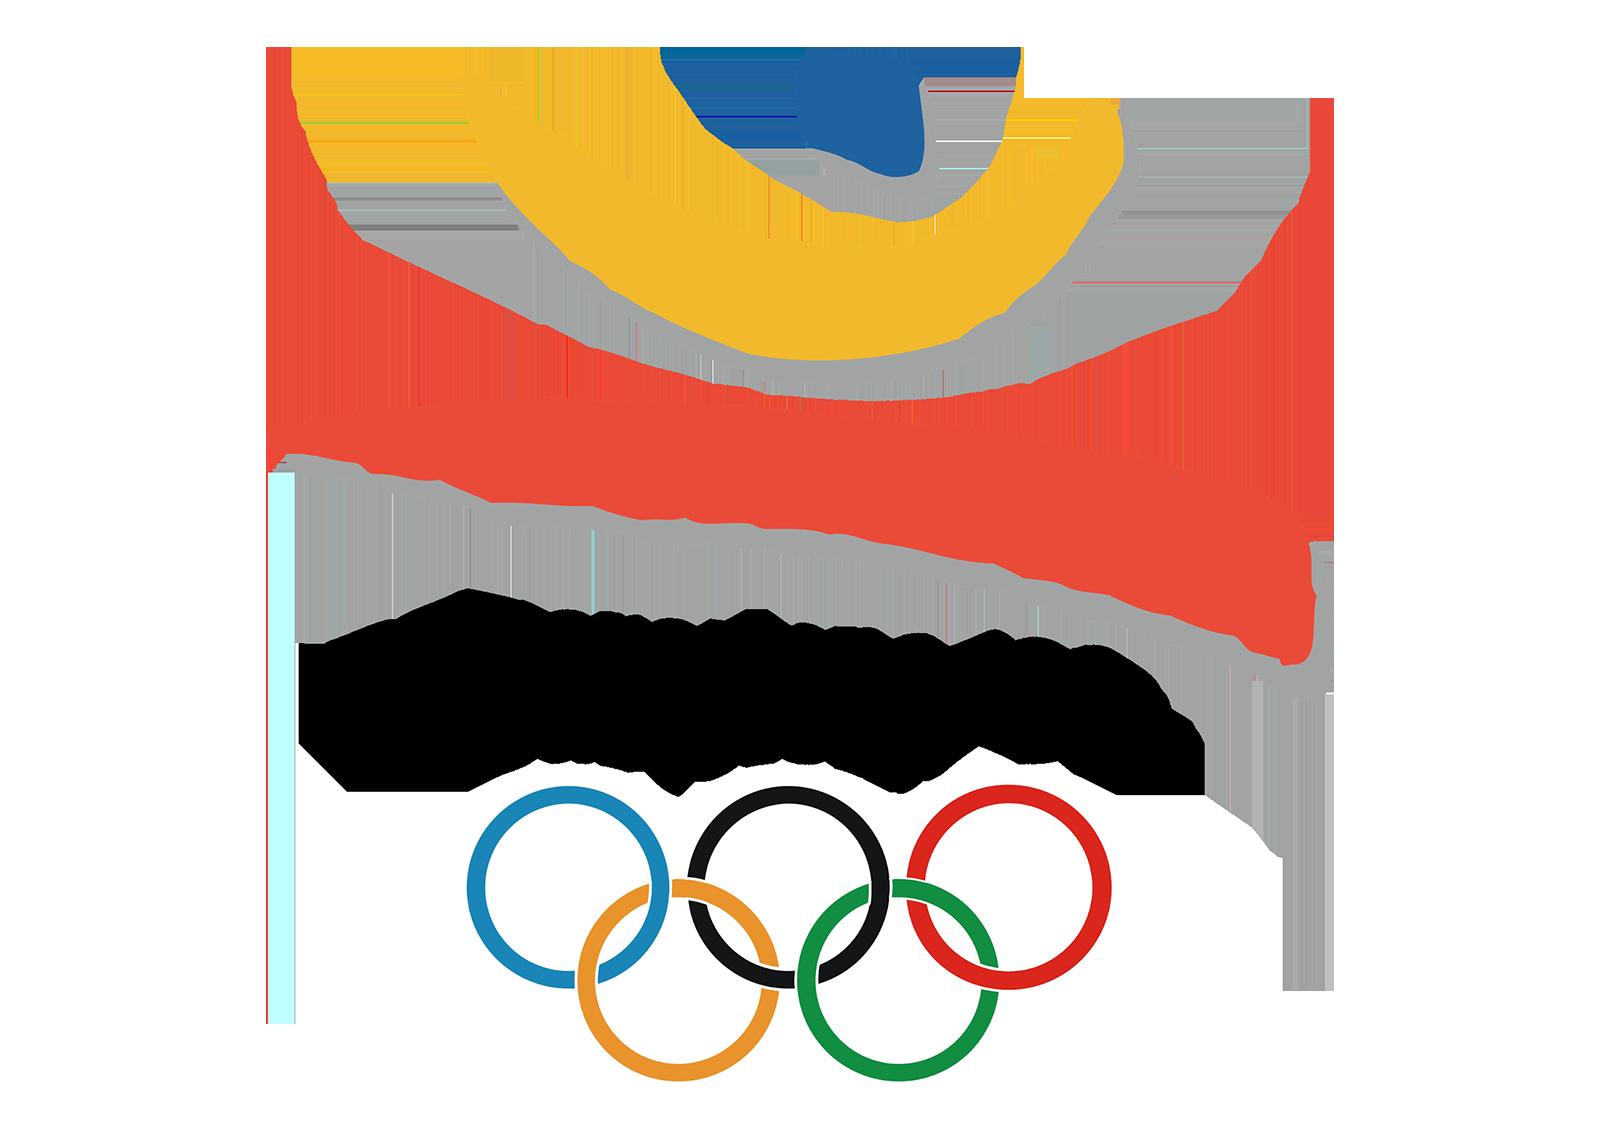 45 Olympic Logos And Symbols From 1924 To 2022 Colorlib Letnie Olimpijskie Igry Olimpijskie Igry Plakat